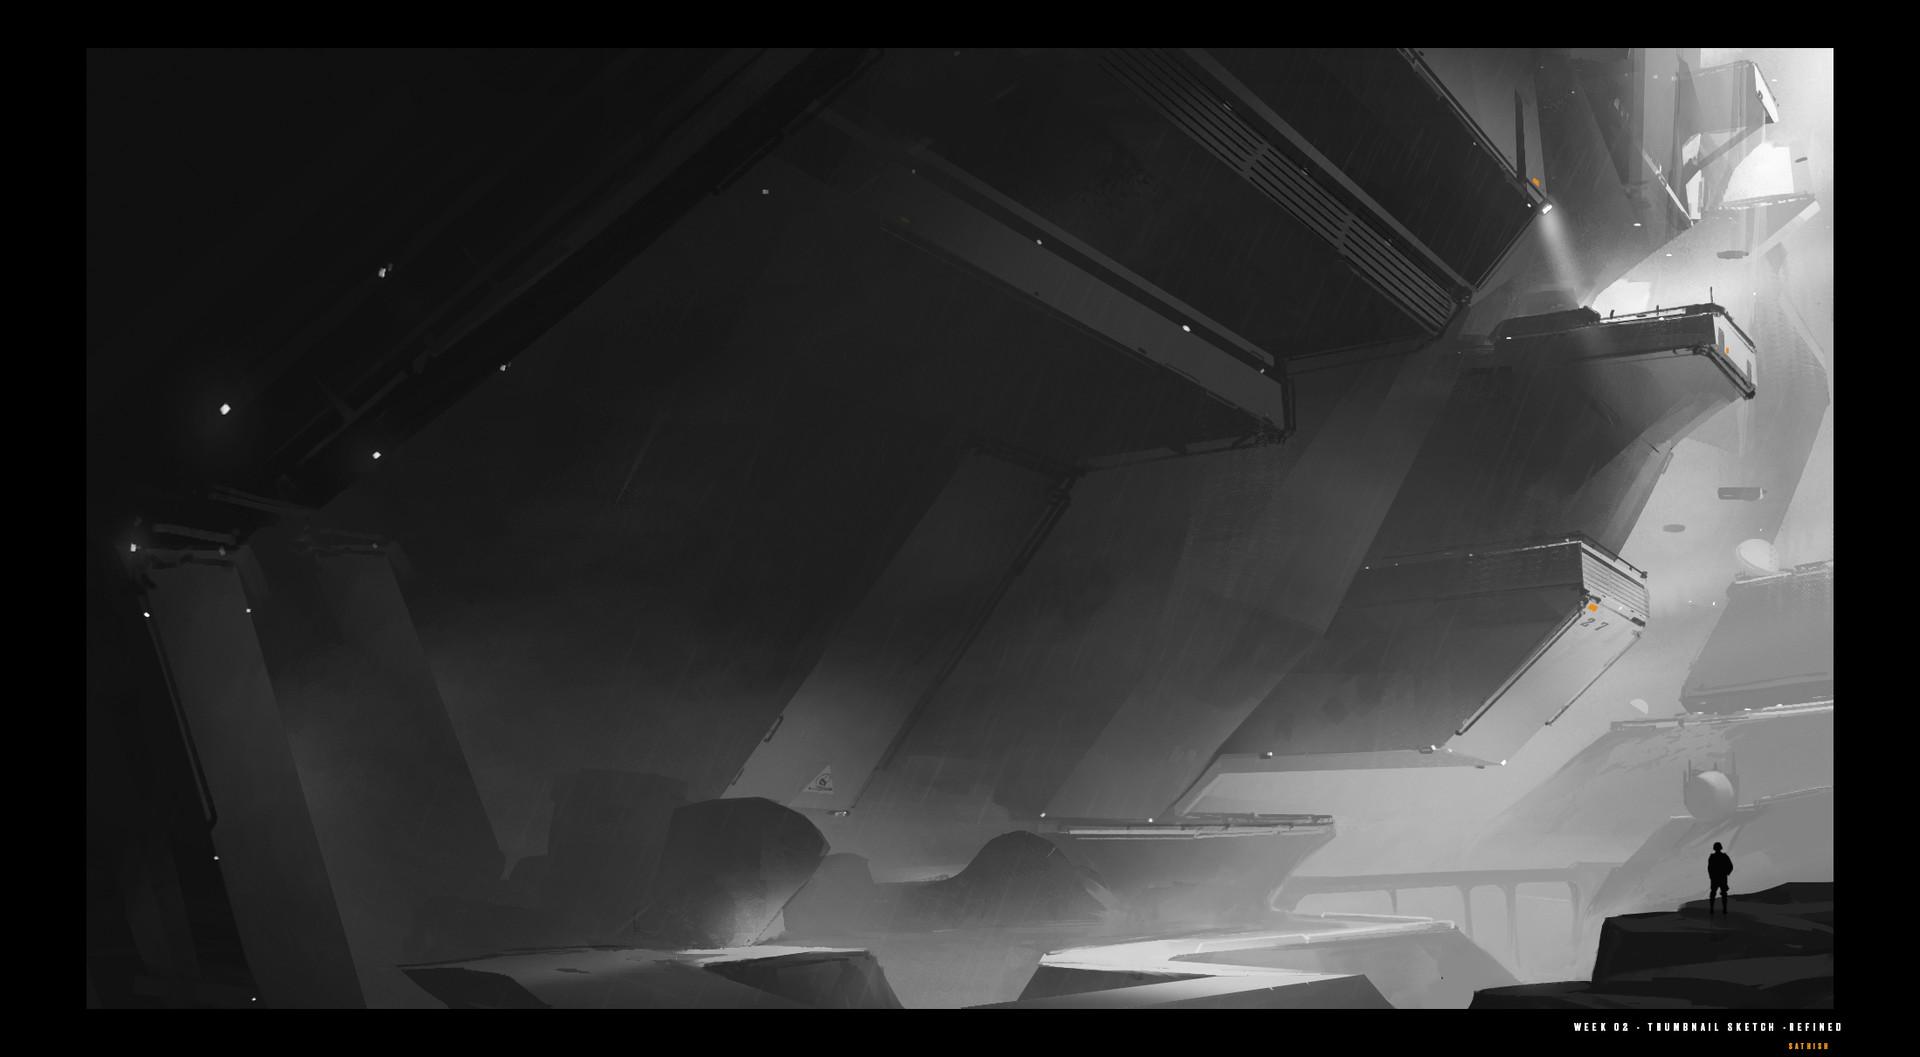 Exploration sketch 04